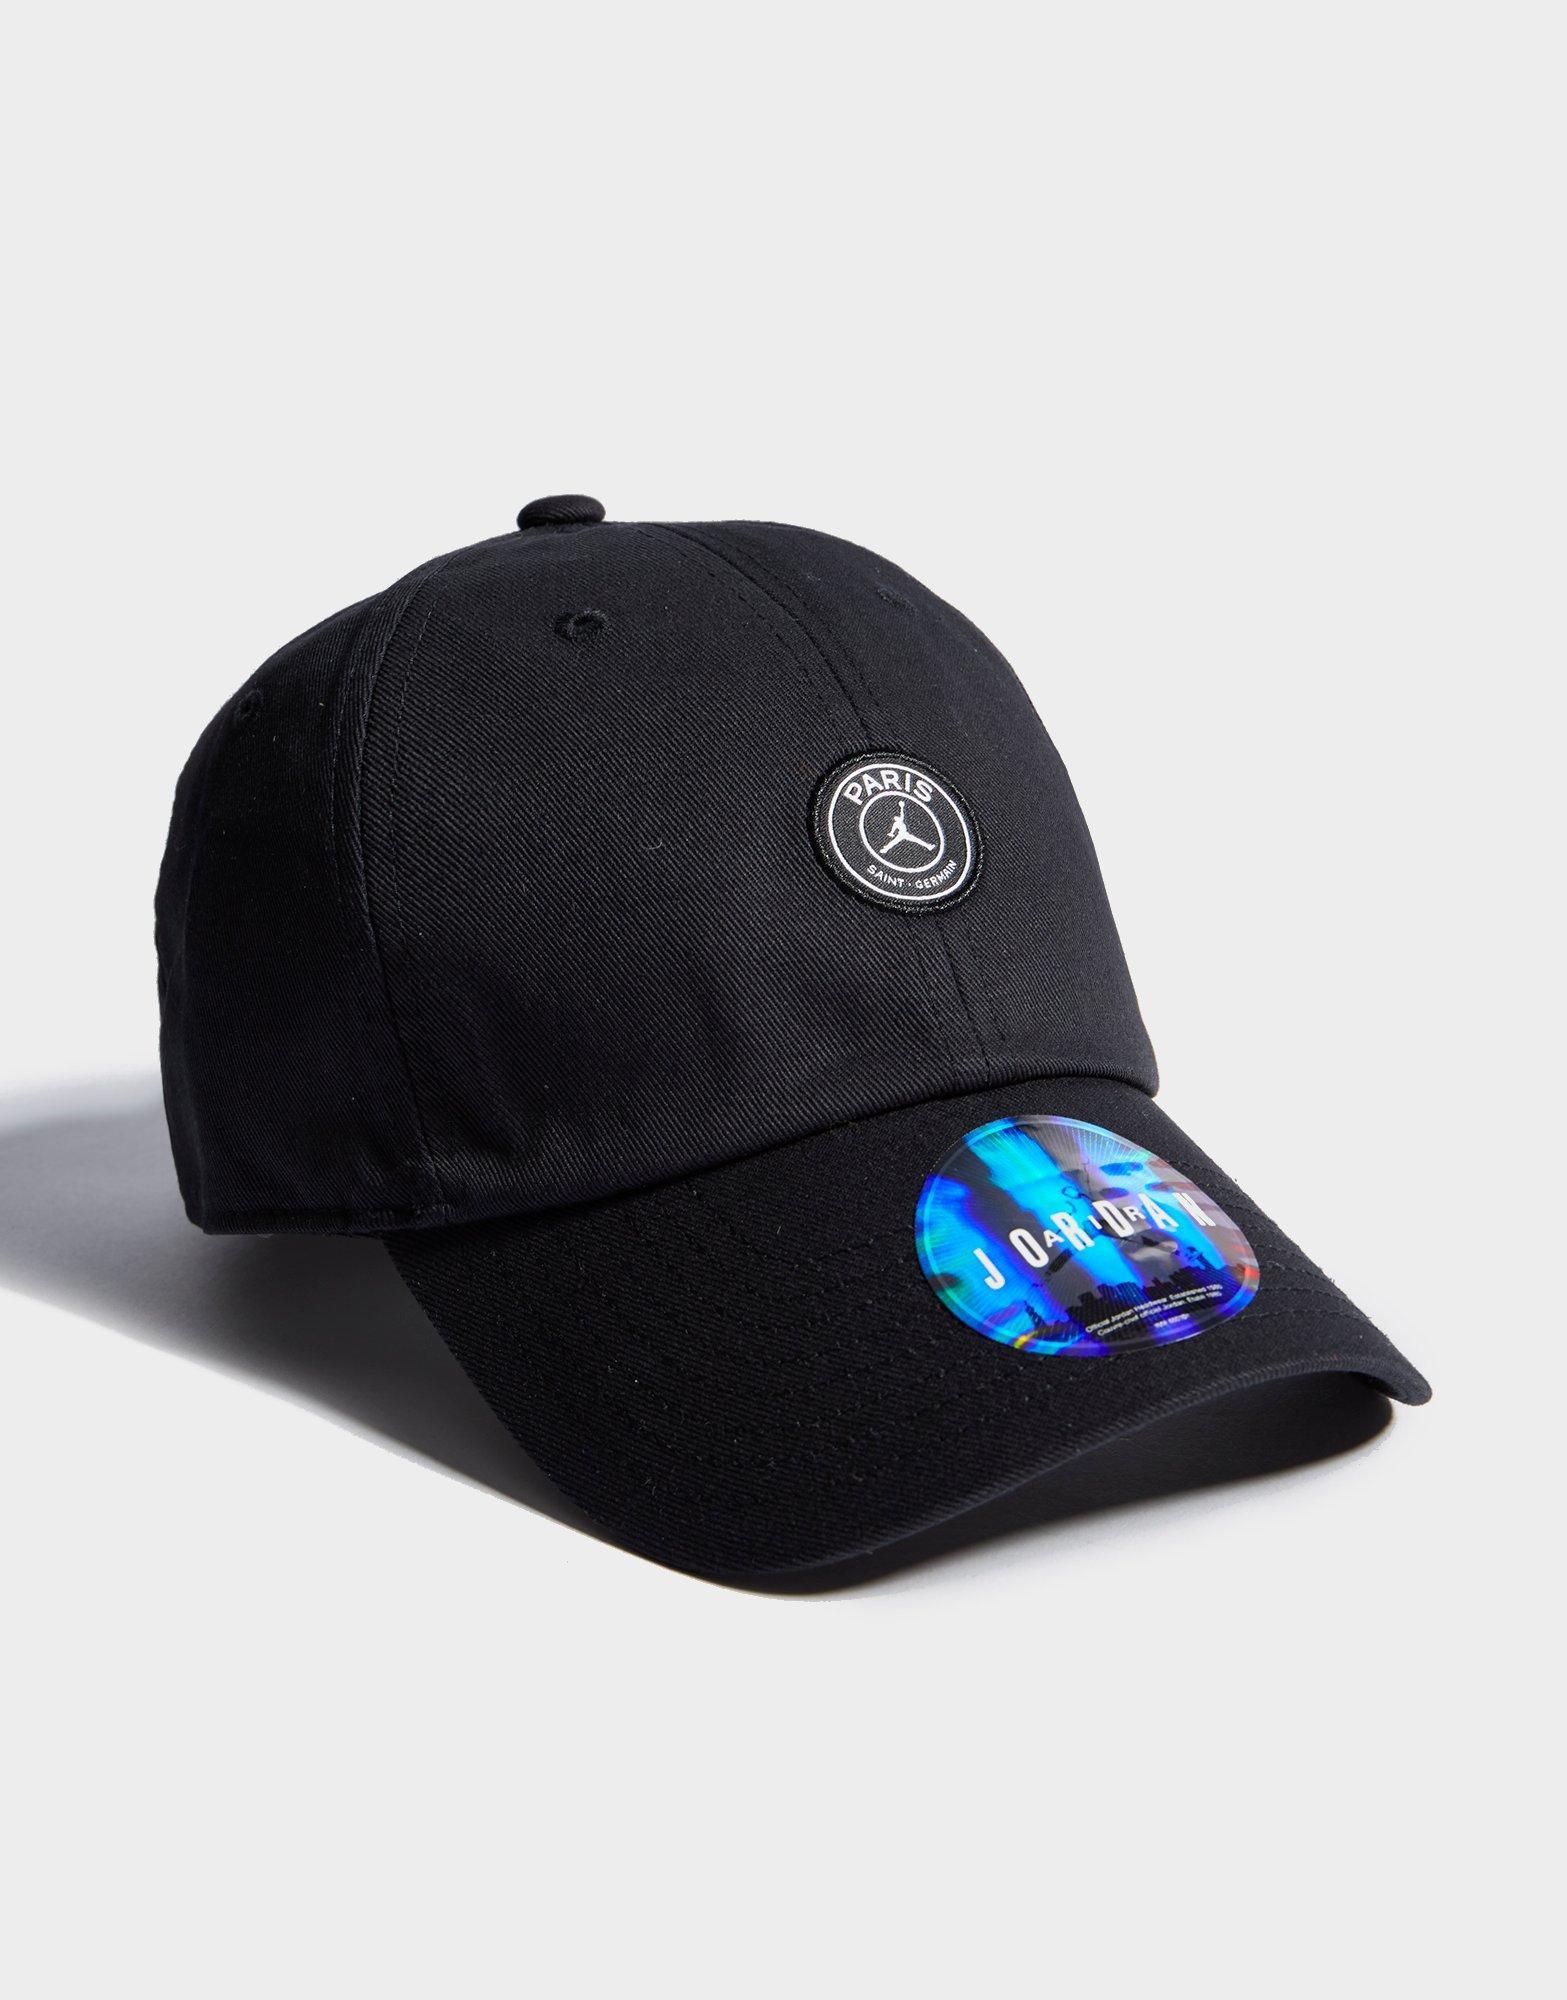 bda3f681f06698 lyst – nike x paris saint germain h86 cap in black for men. Download Image  1567 X 2000